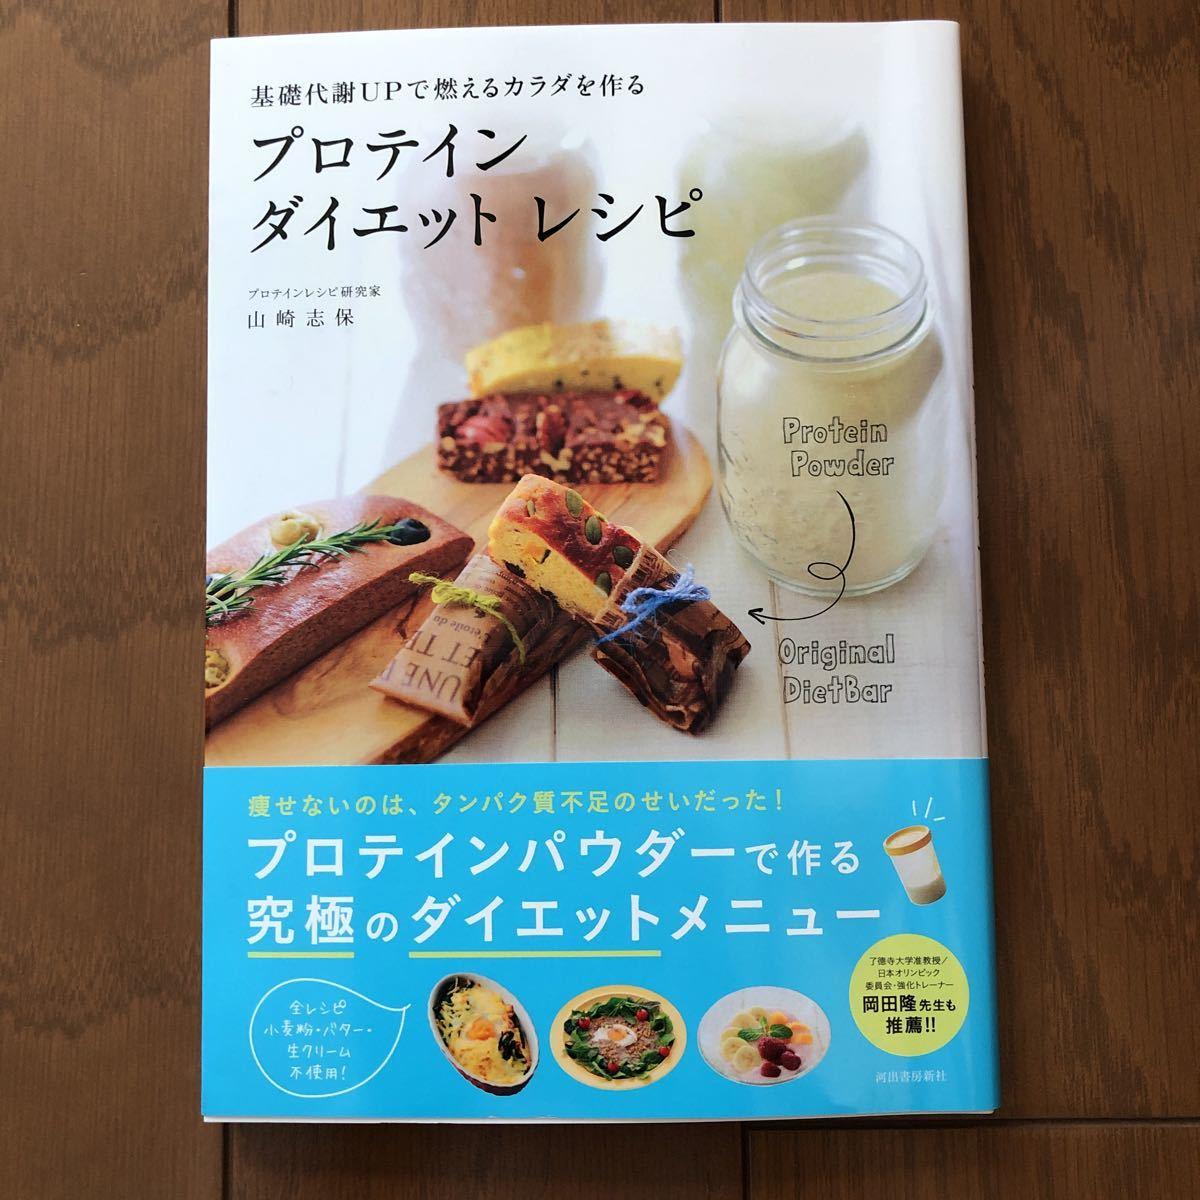 [新品・未使用] 基礎代謝UPで燃えるカラダを作る プロテイン ダイエット レシピ